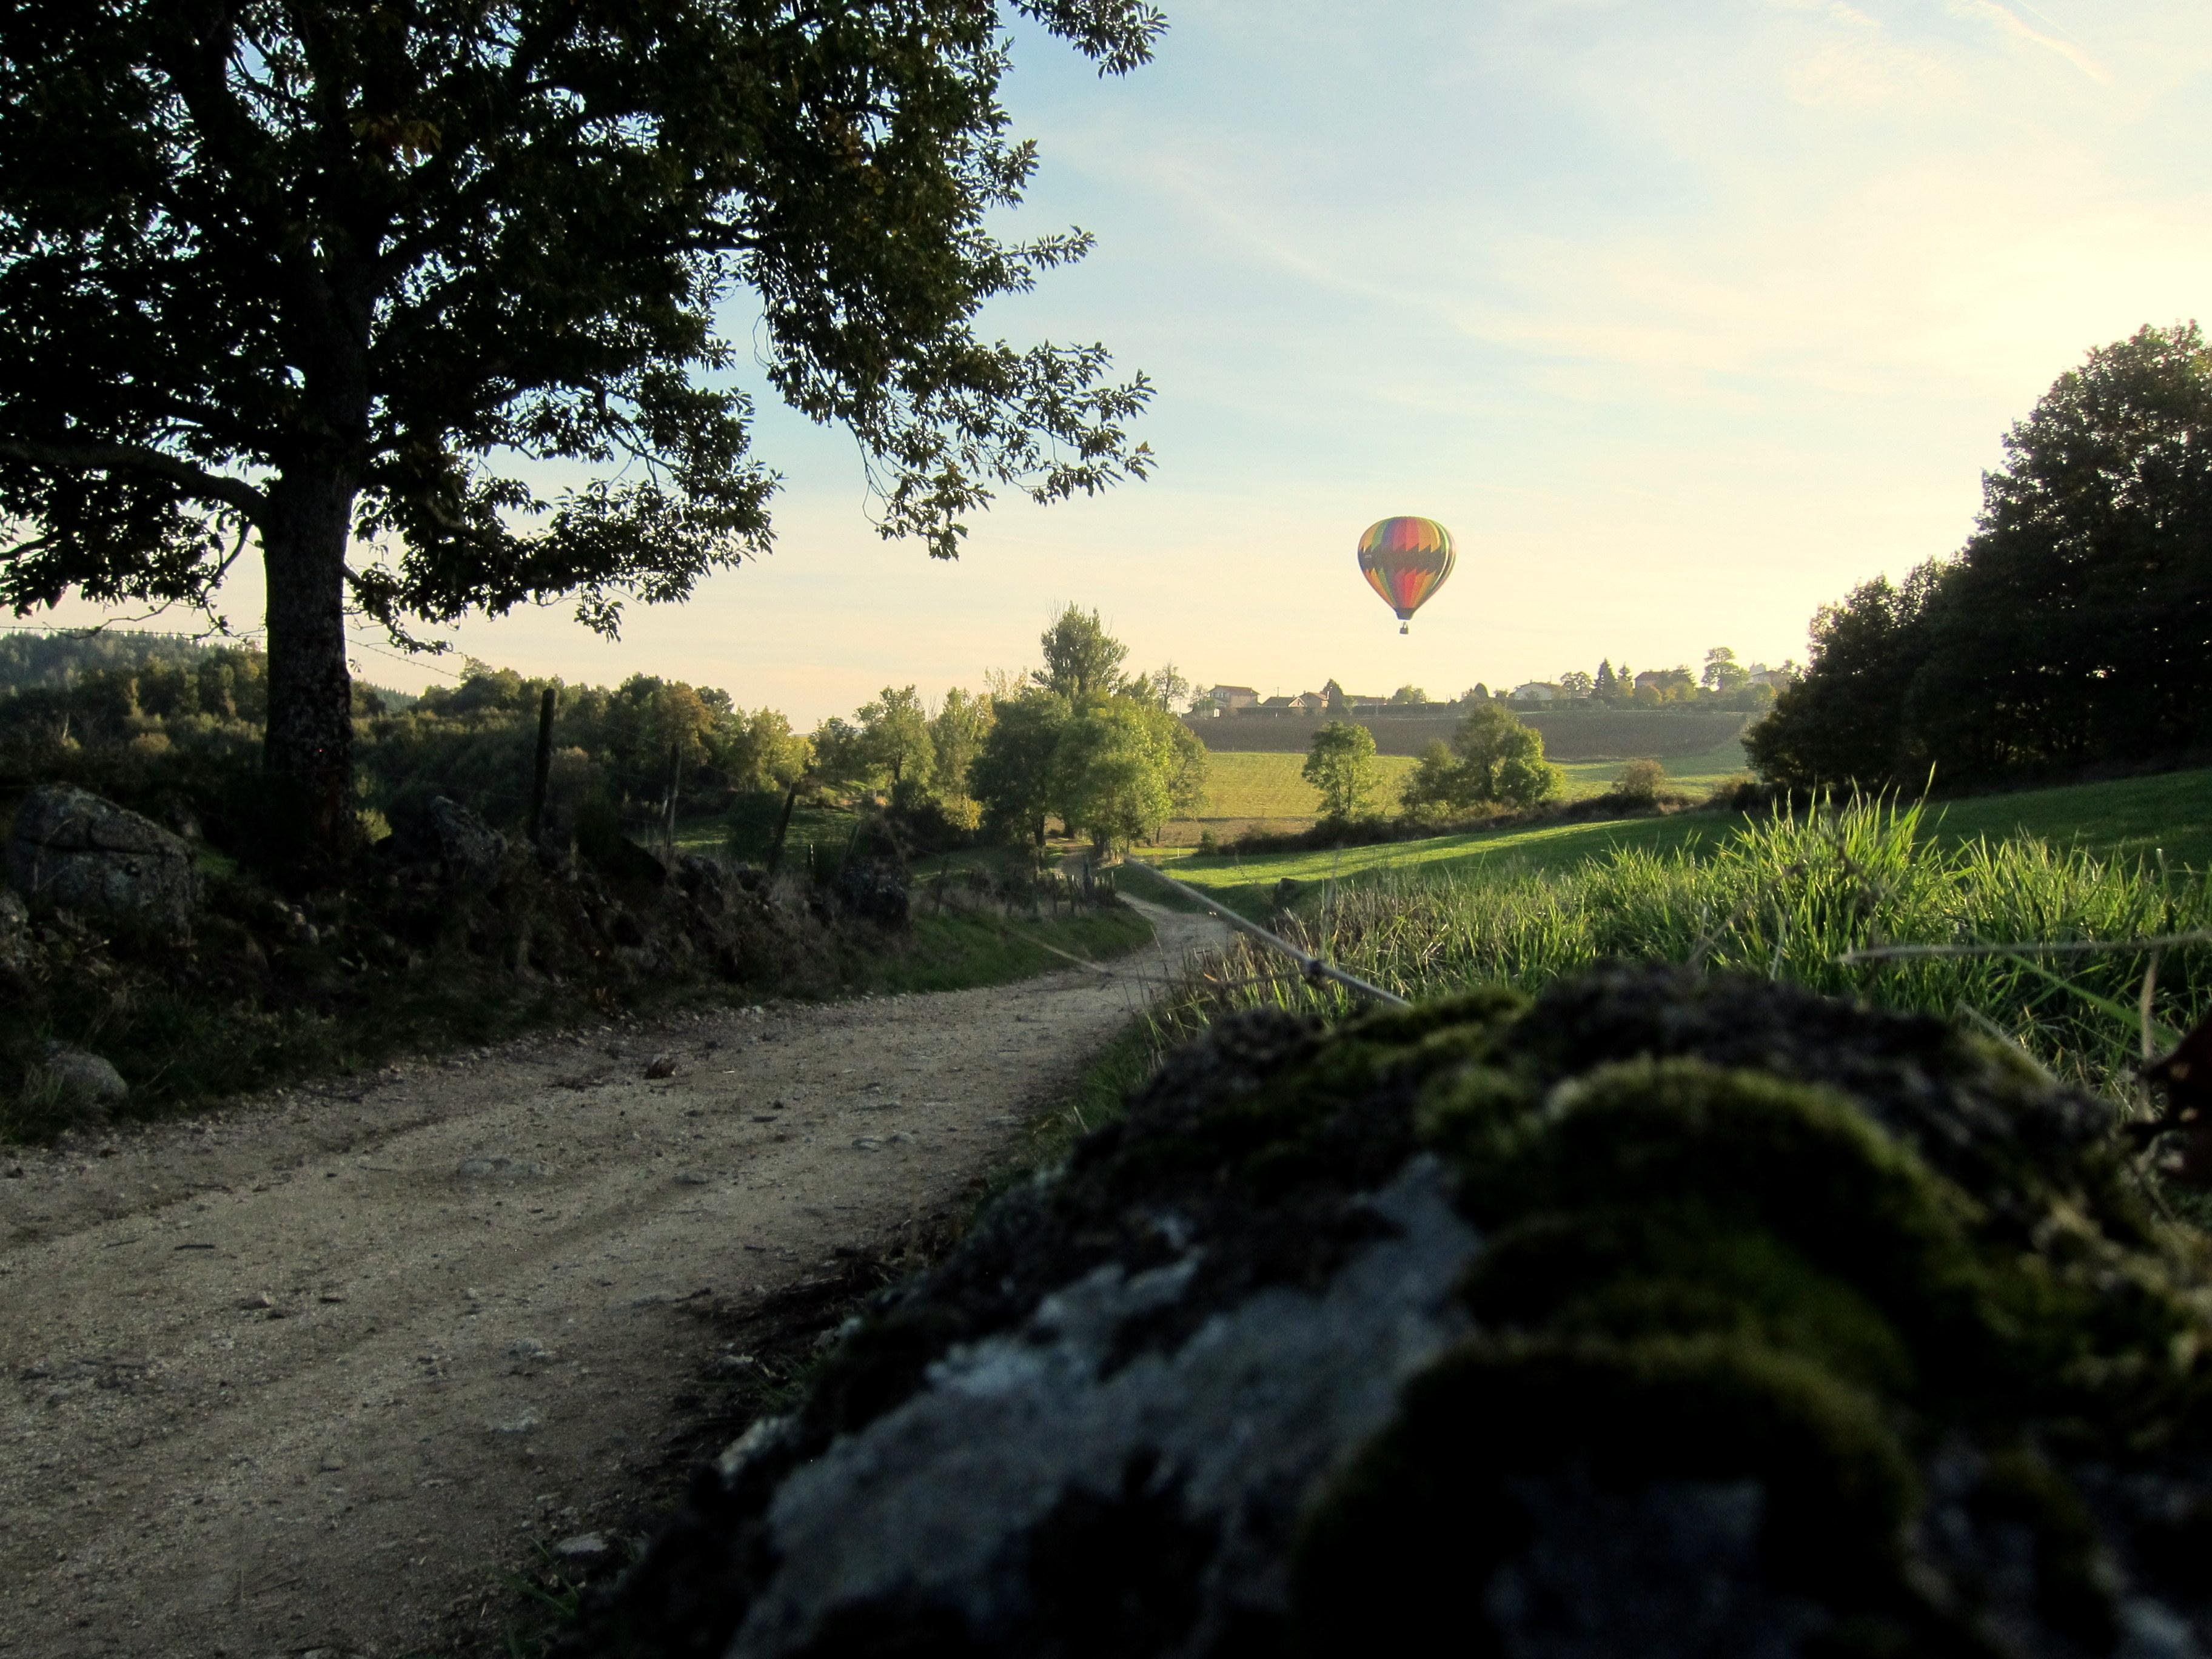 Le chemin de la montgolfiere